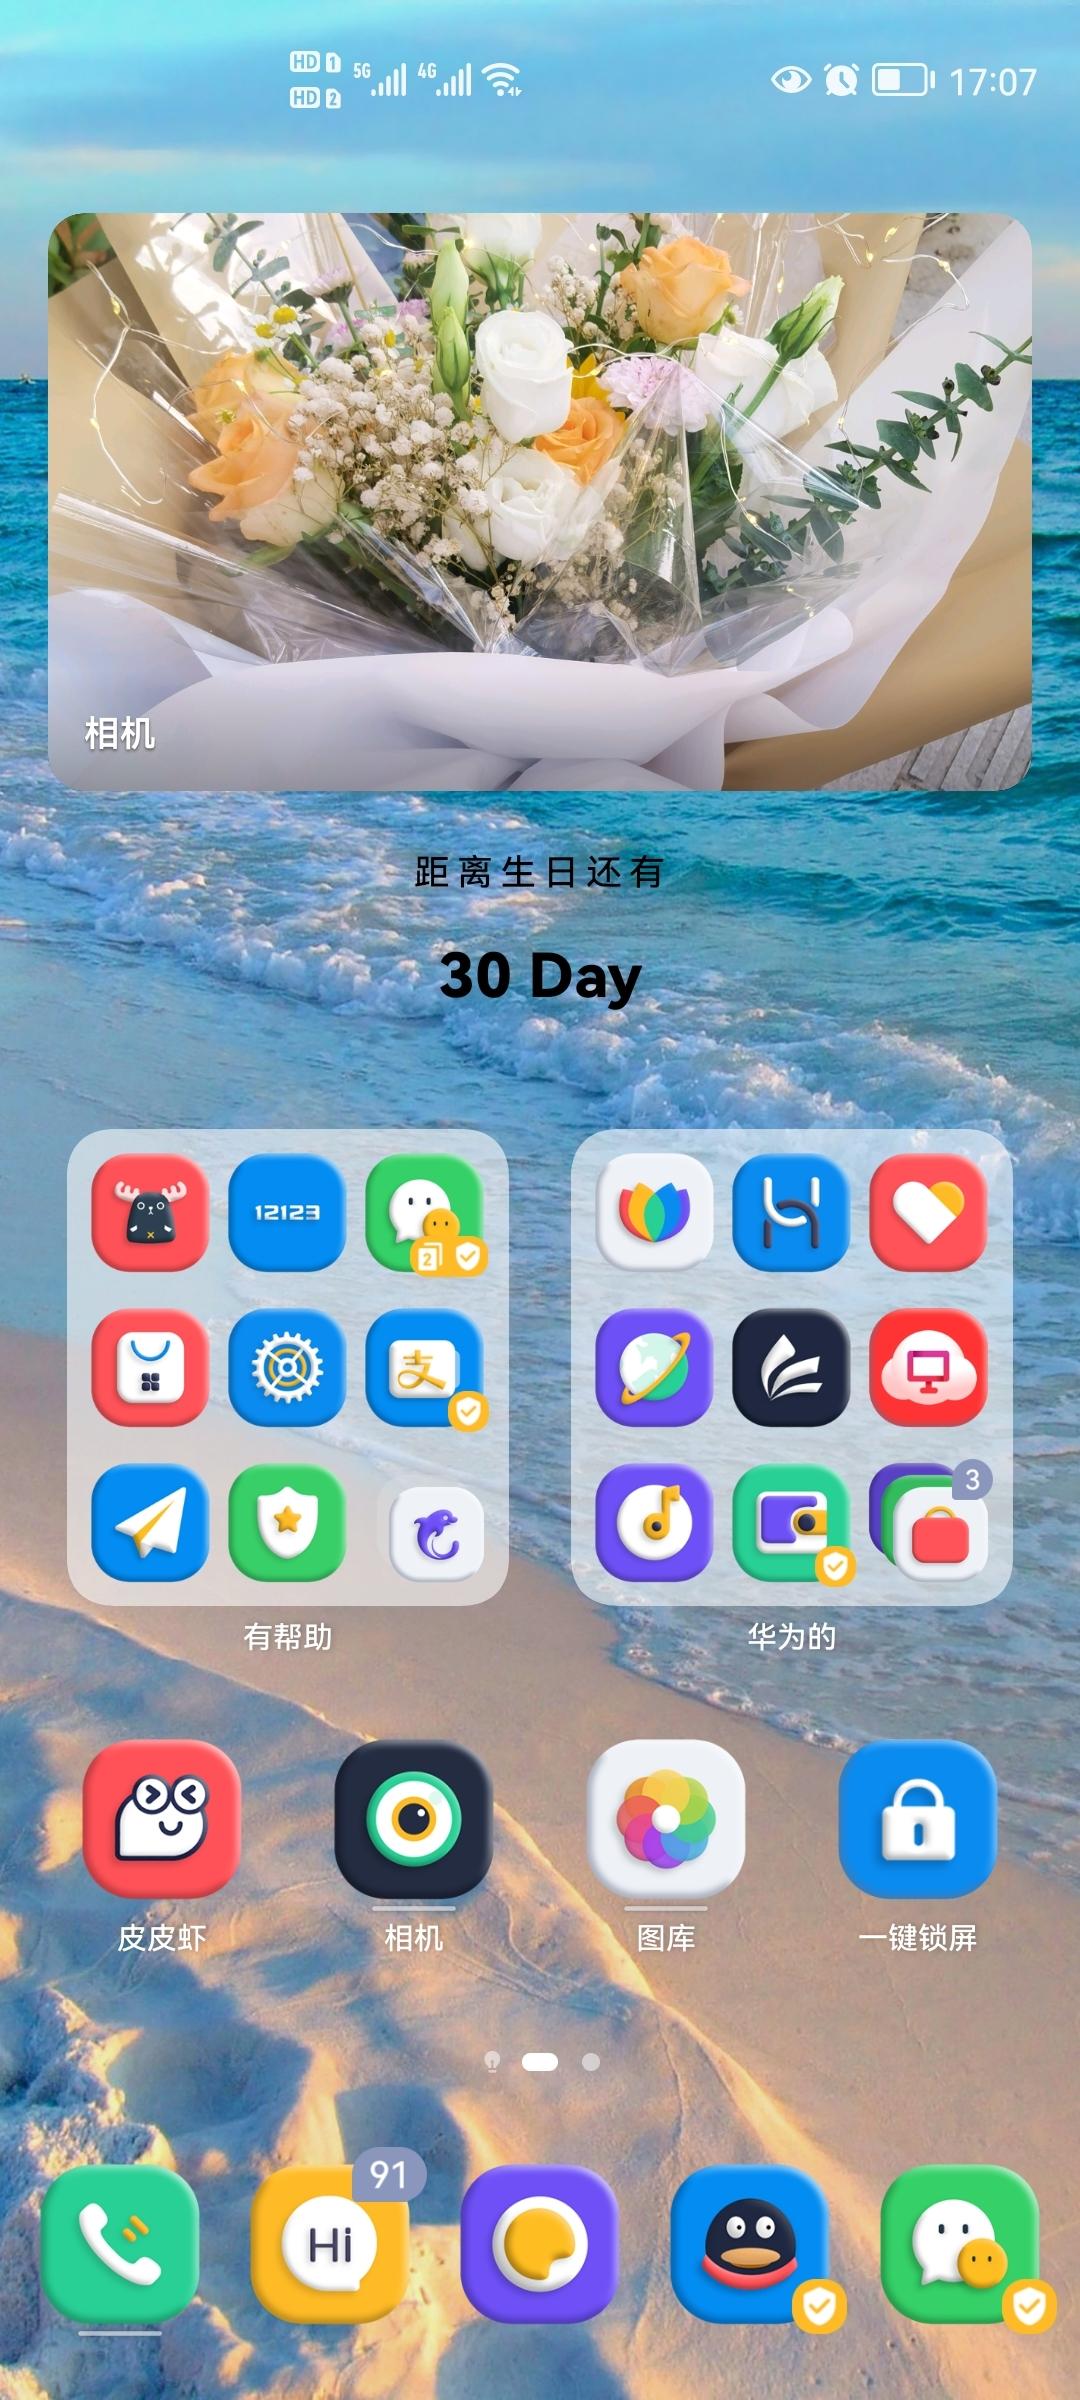 Screenshot_20210722_170739_com.huawei.android.launcher.jpg